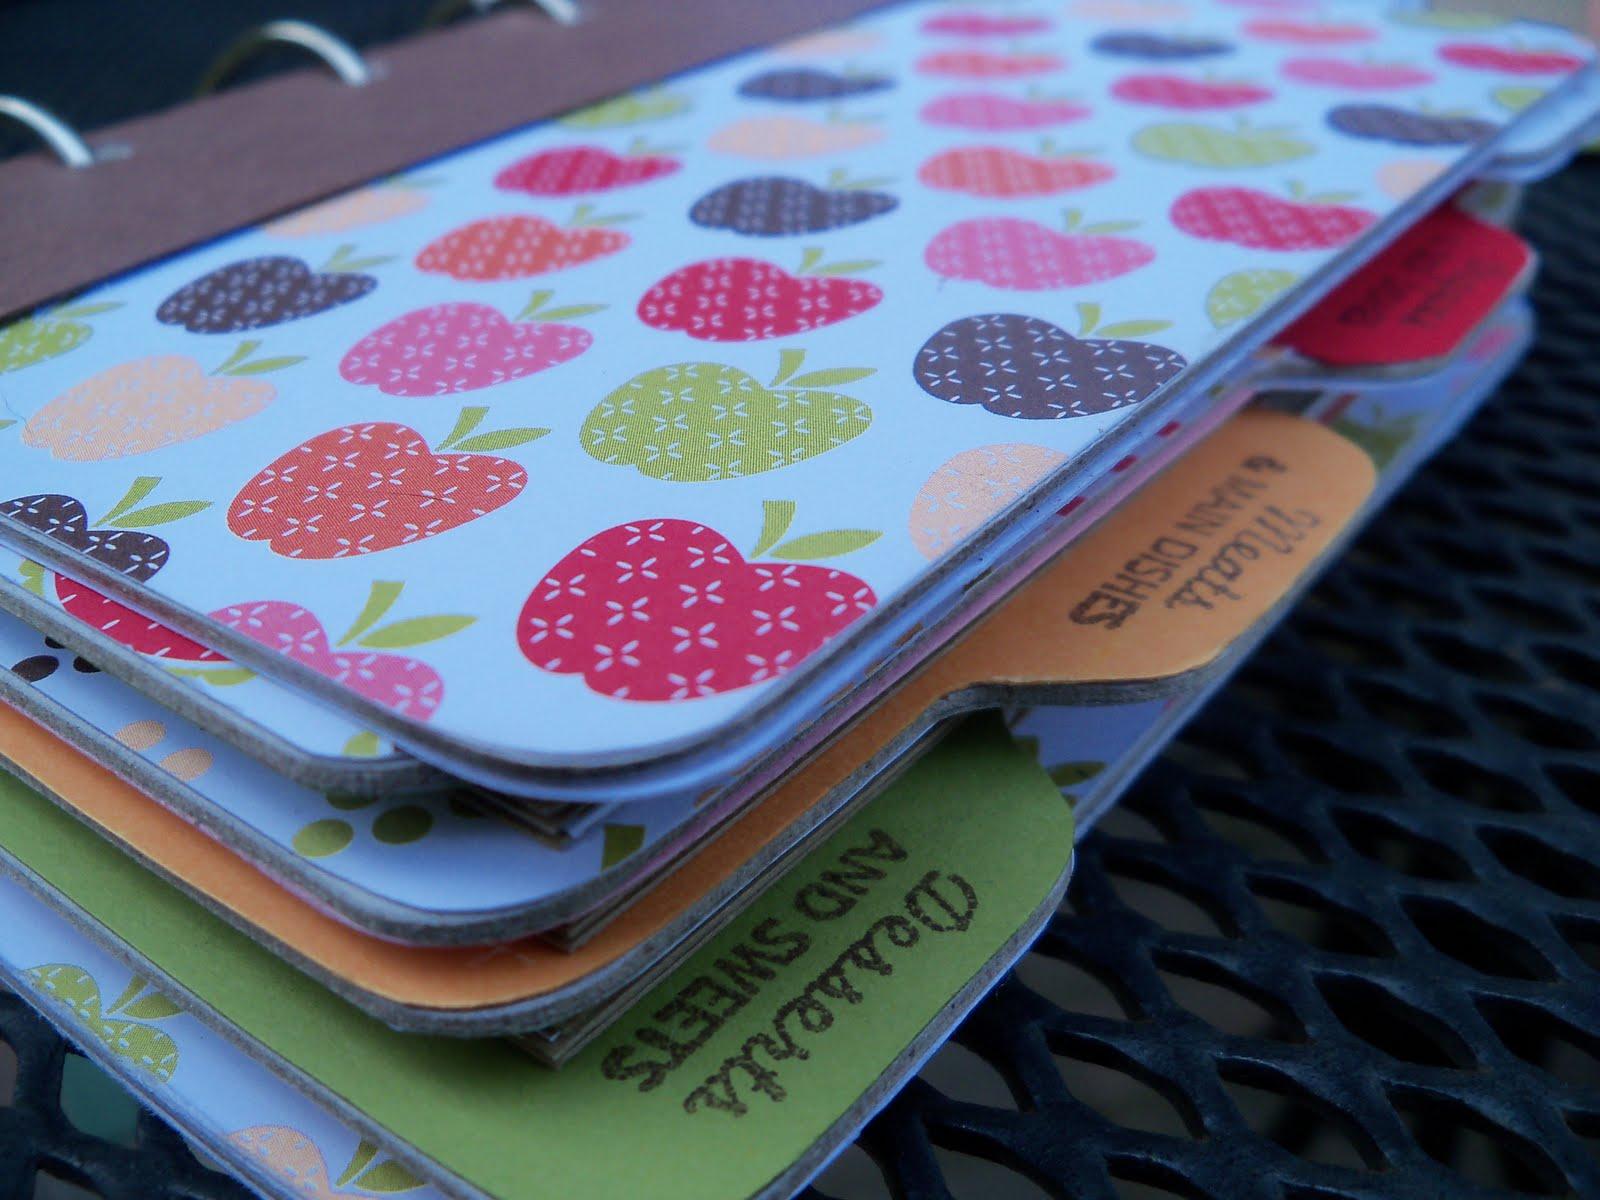 How to scrapbook a recipe book - Cookbook Scrapbook